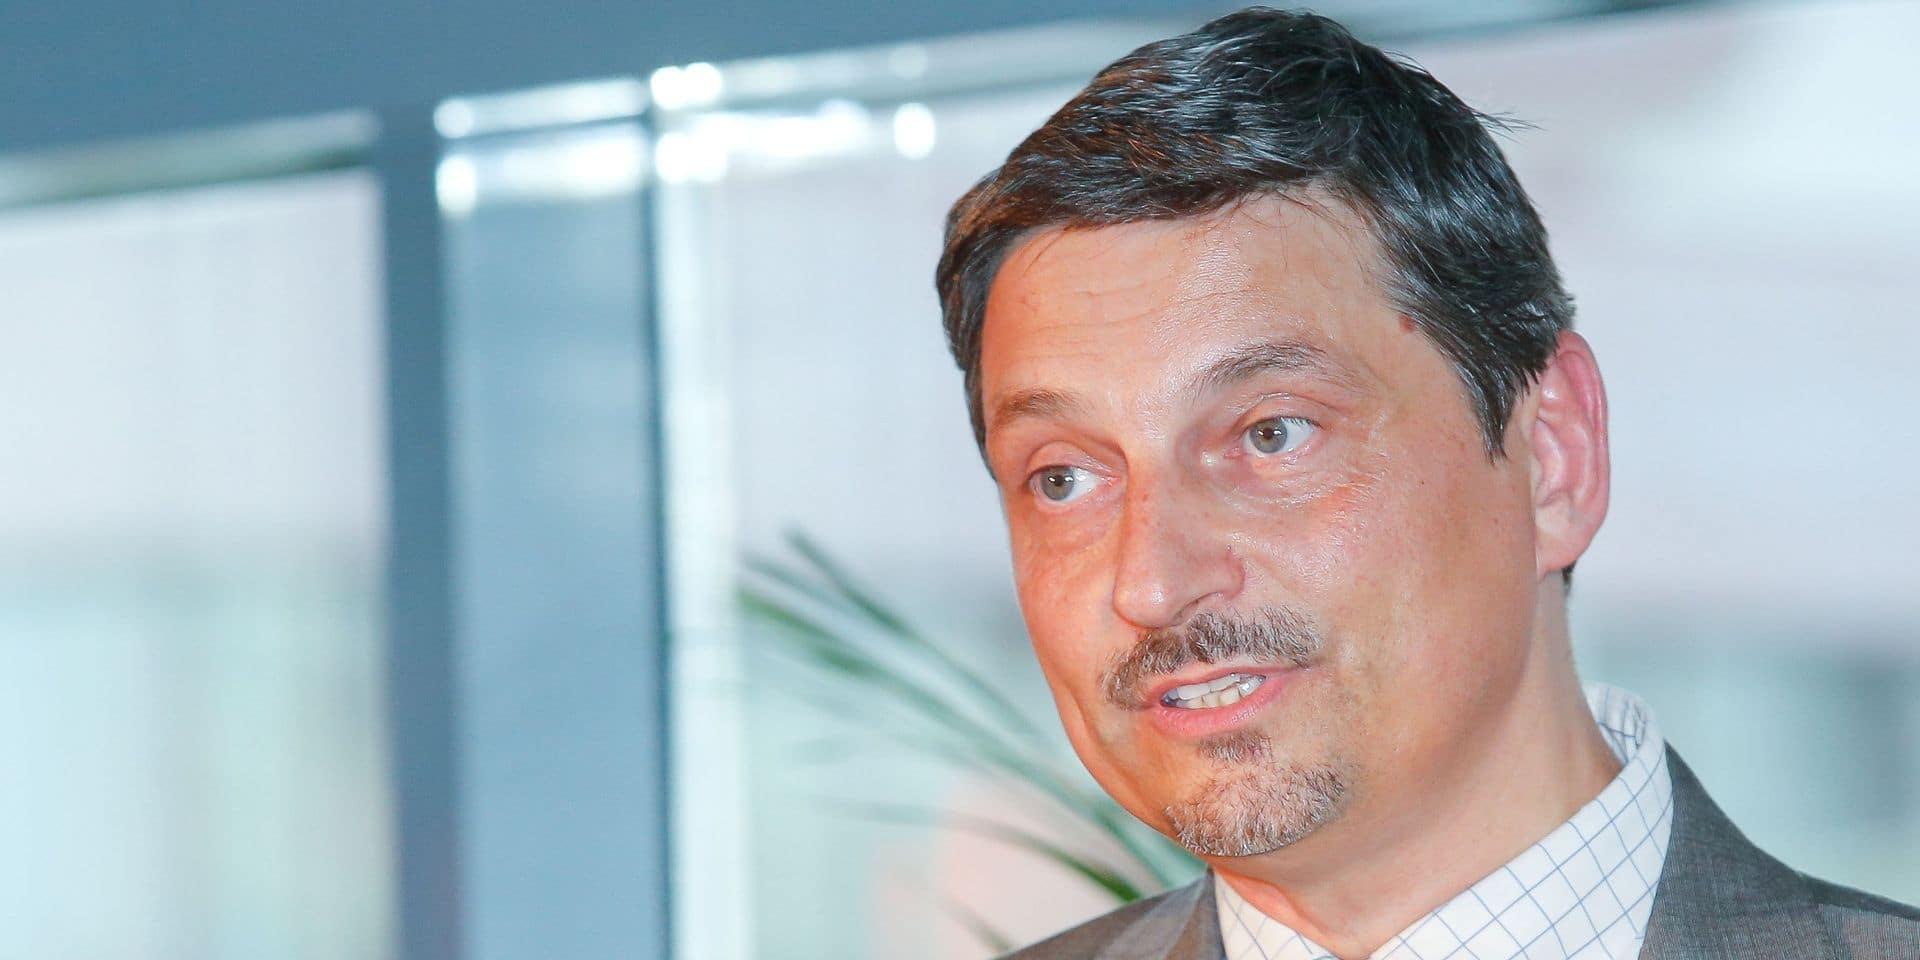 Accord de gouvernement wallon : Le SNI se félicite de l'attention portée aux travailleurs indépendants dans la déclaration